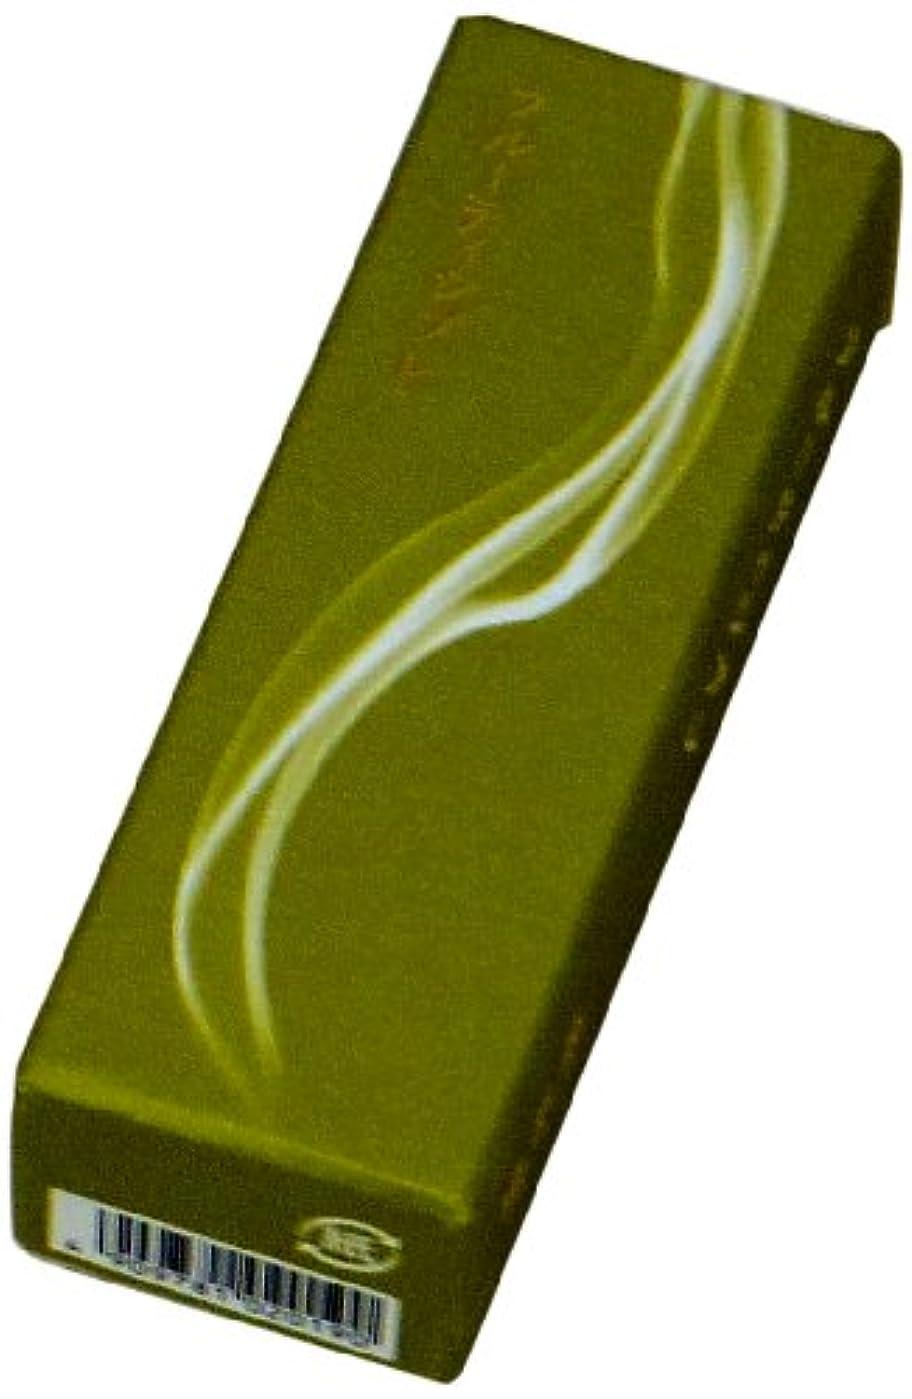 何もない魅力的であることへのアピールストライプ鳩居堂のお香 香水の香り フローラルシプレ 20本入 6cm